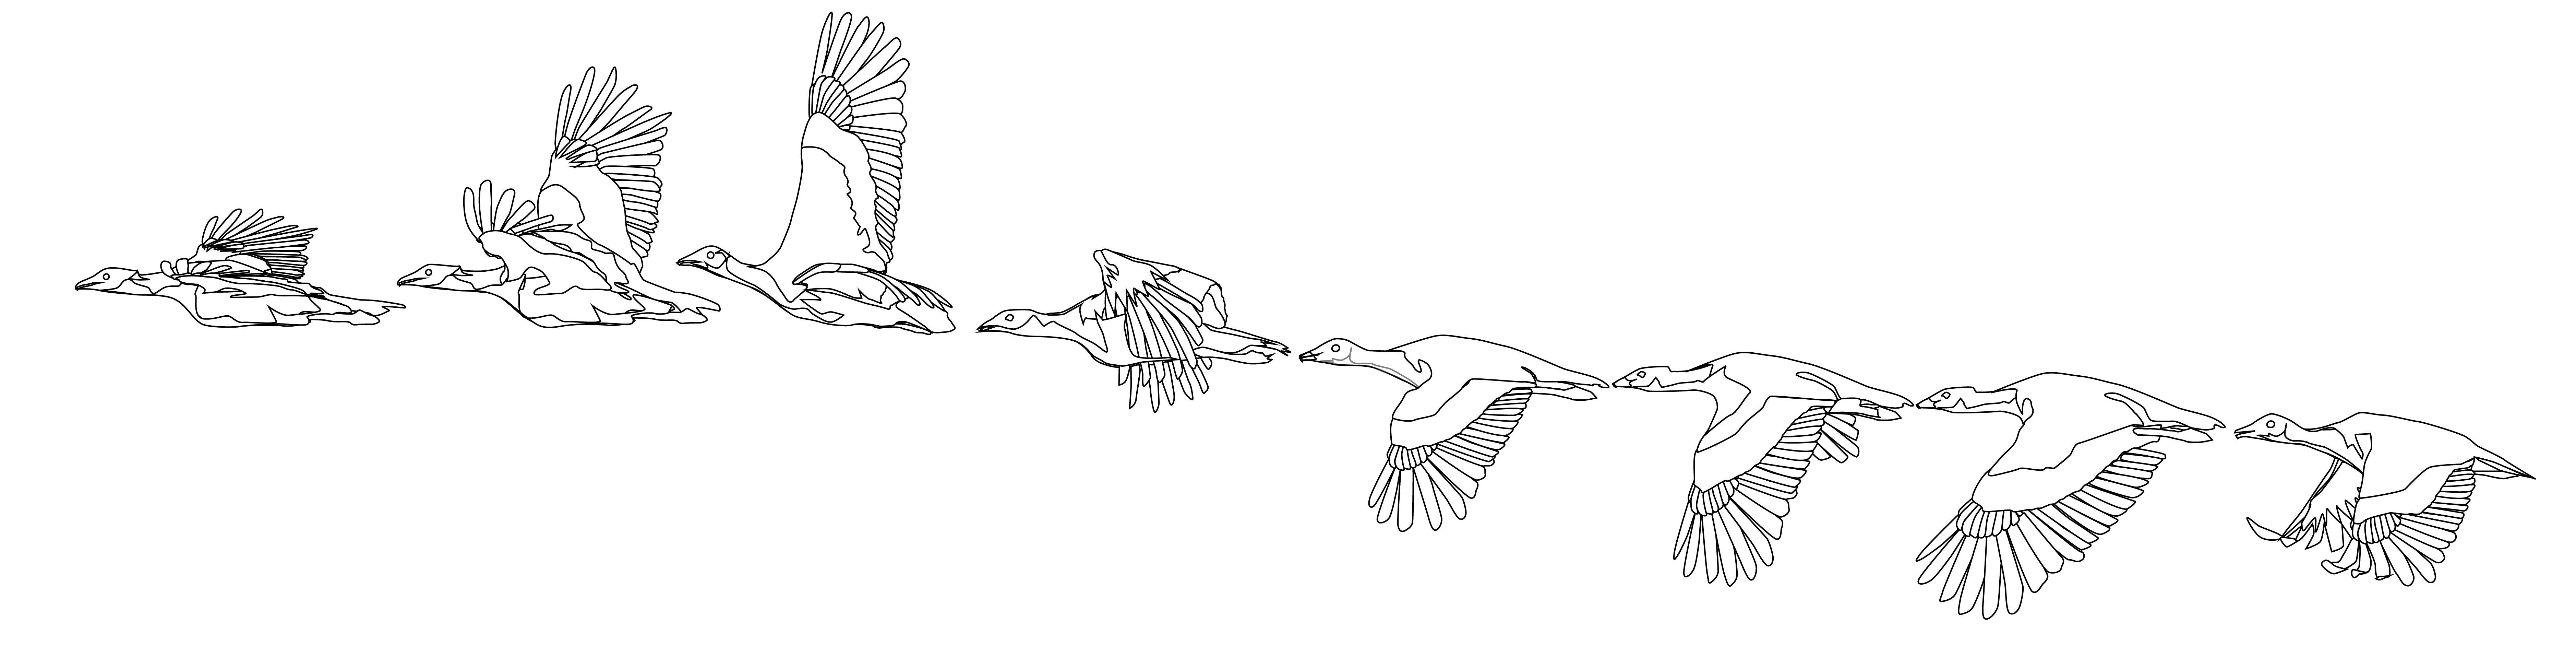 Полет птиц анимационные картинки